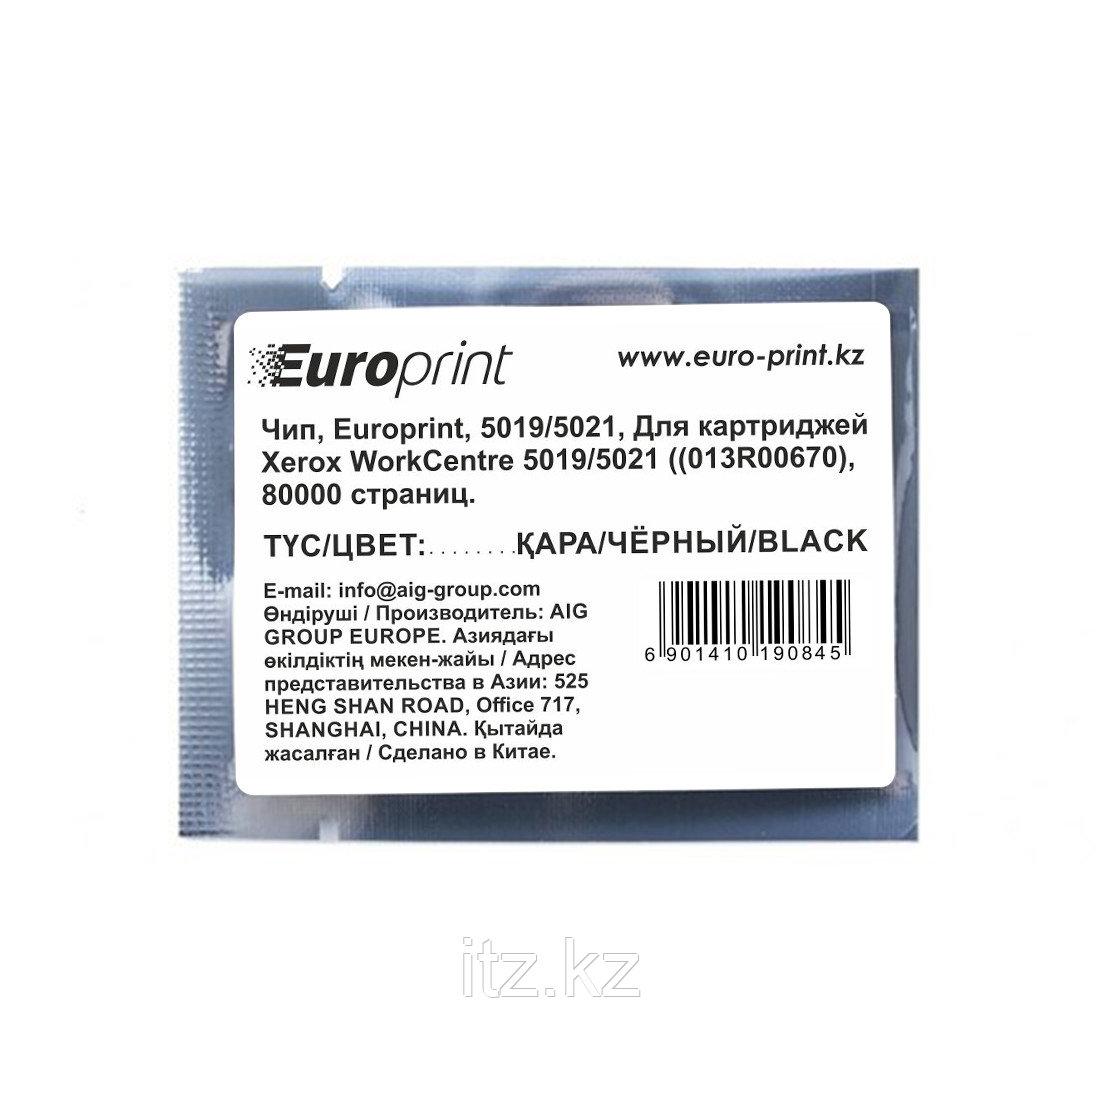 Чип Europrint Xerox 5019/5021 (013R00670)